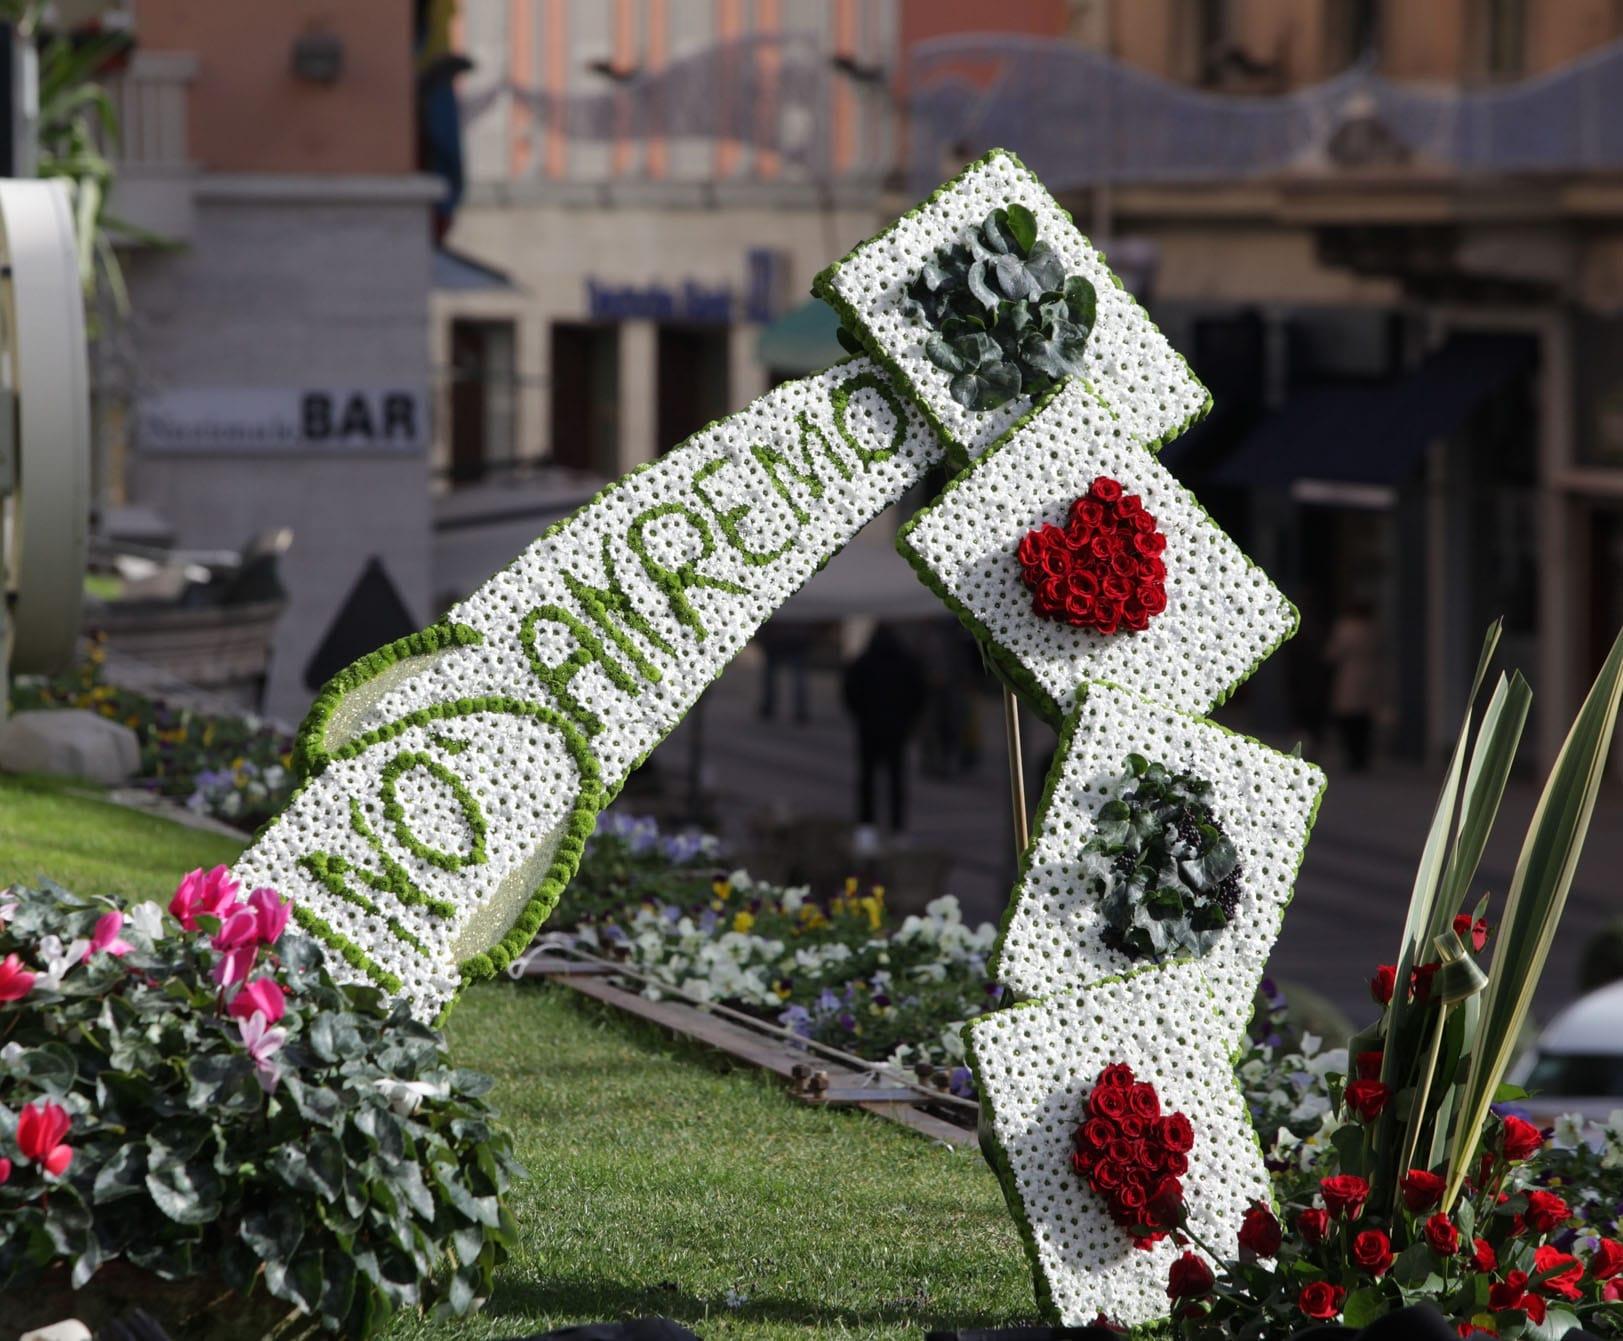 """La scritta """"Casino Sanremo"""" realizzata con i fiori sanremesi dai colori accesi e dal profumo intenso ha salutato i protagonisti della conferenza stampa del Festival della Canzone 2013. La composizione…"""